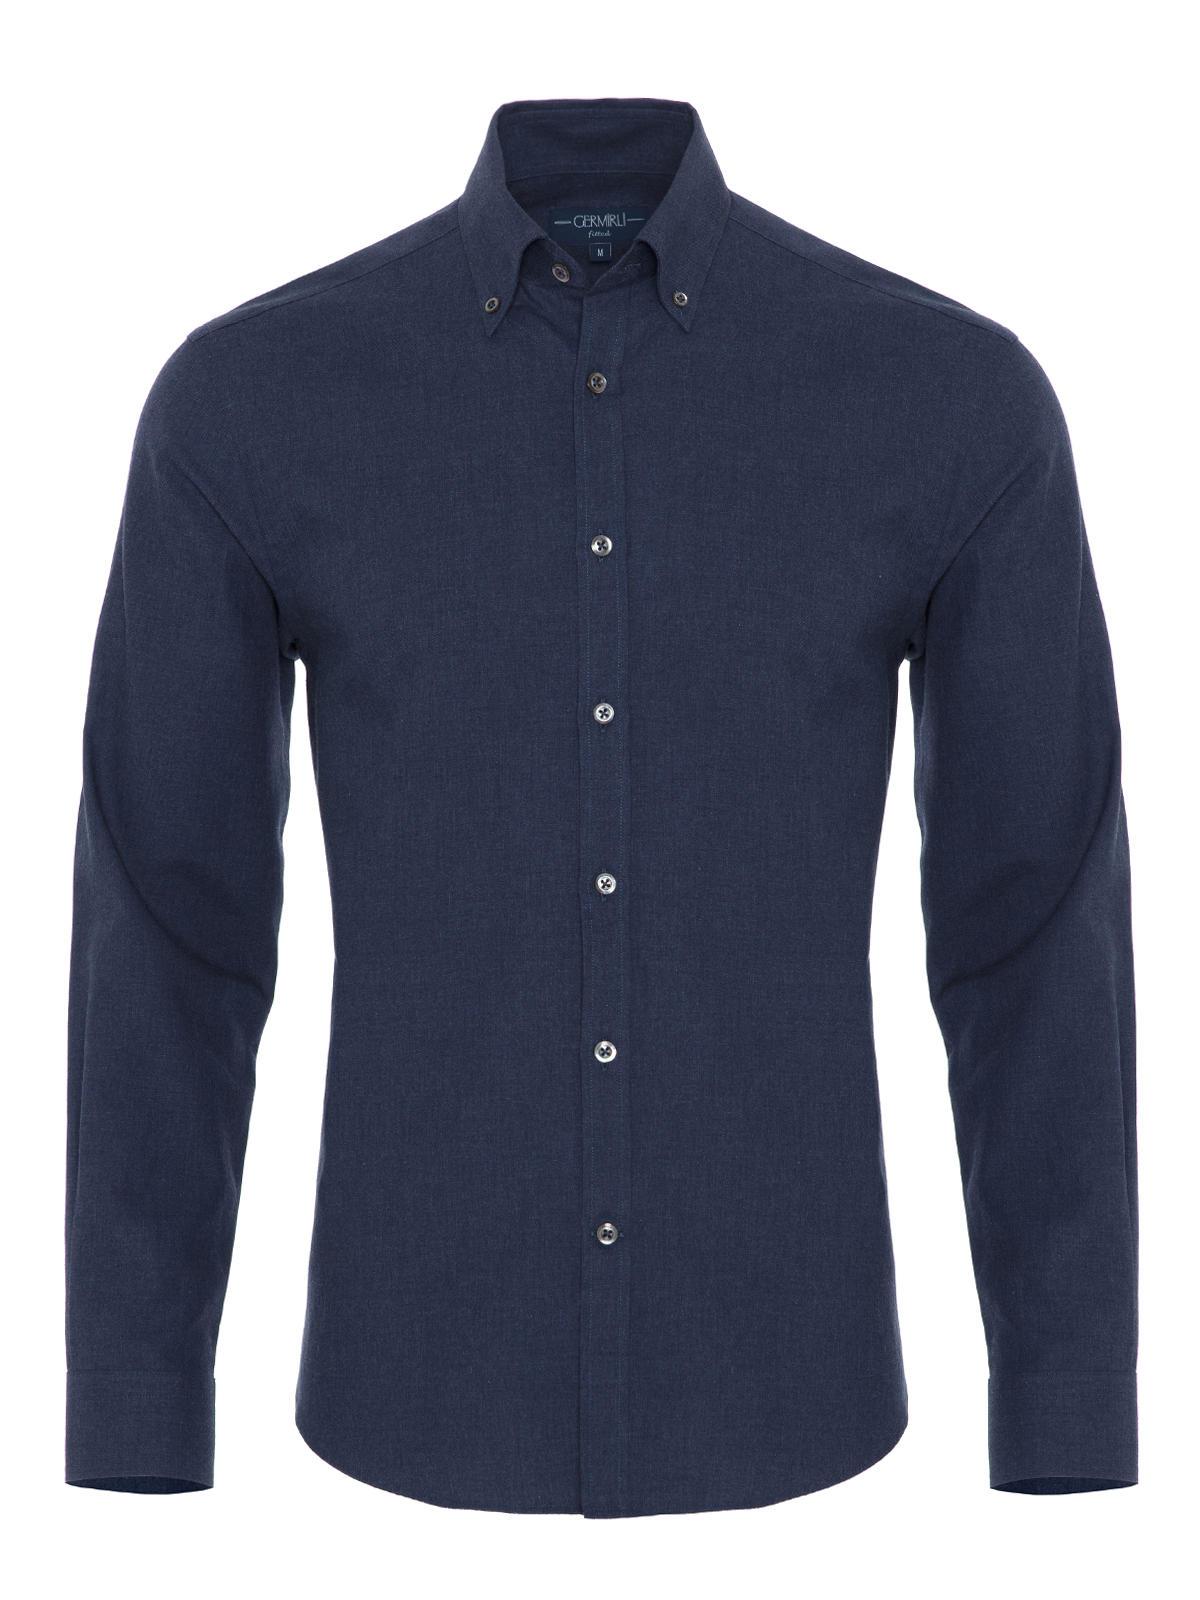 Germirli Mavi Düğmeli Yaka Flanel Tailor Fit Gömlek